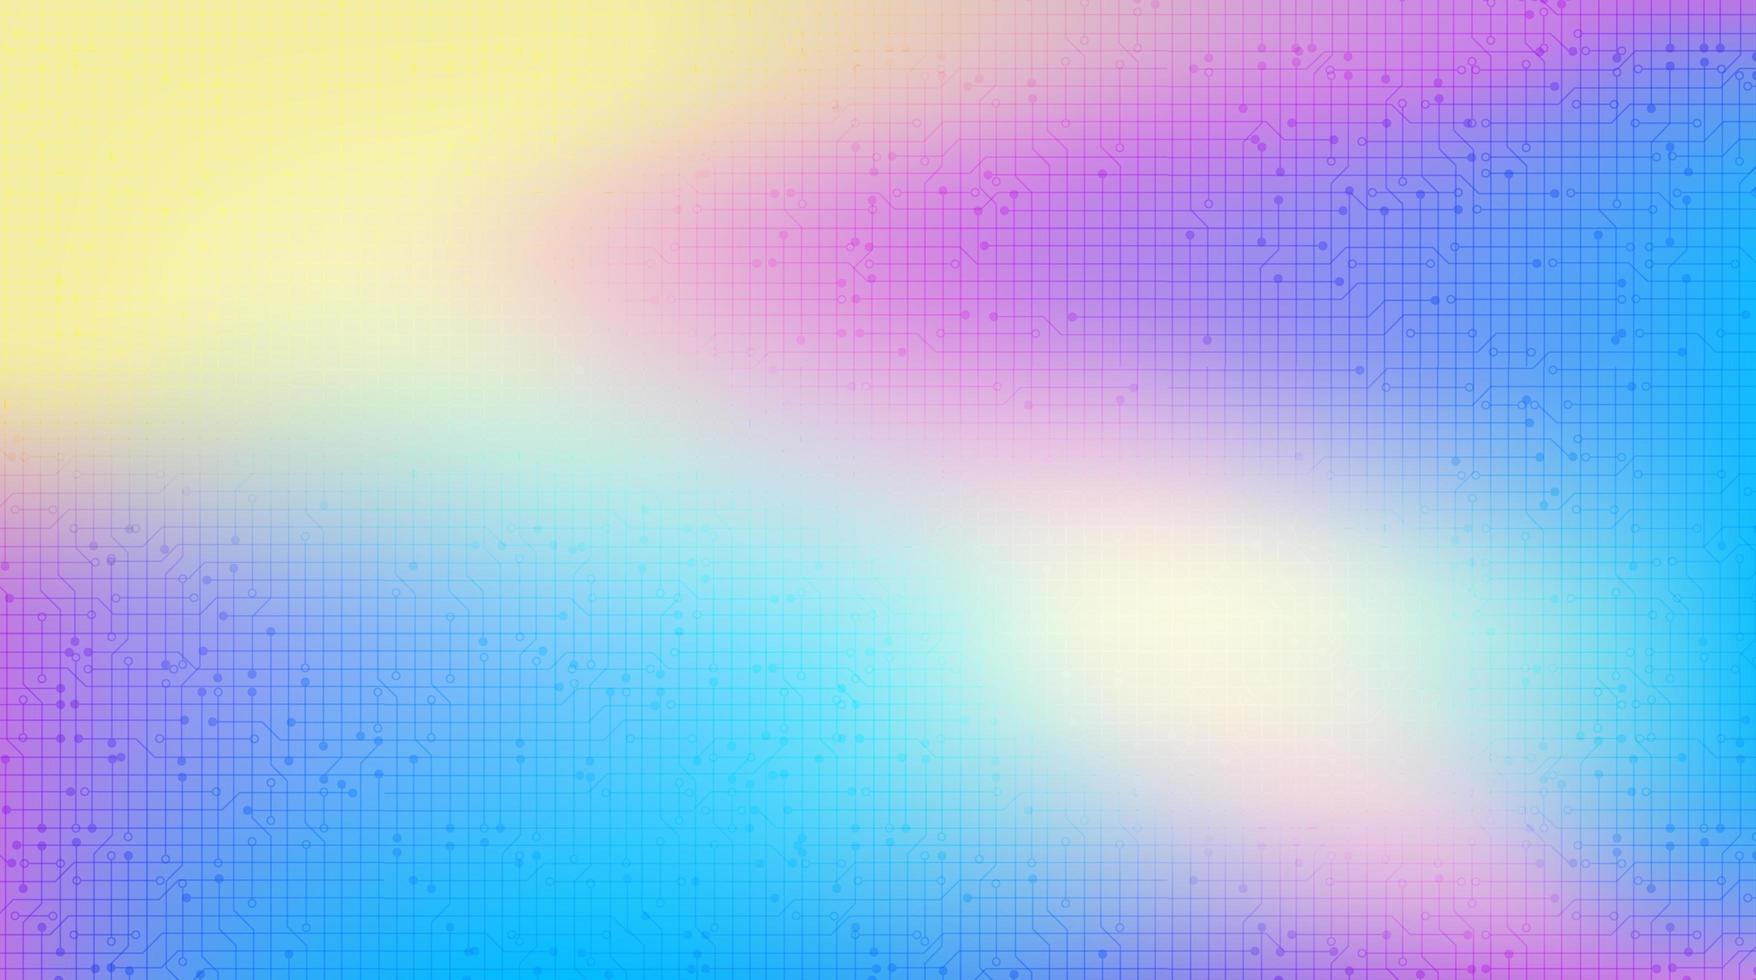 ljus färgglad teknikbakgrund, högteknologisk digital och unicon konceptdesign, ledigt utrymme för text i put, vektorillustration. vektor